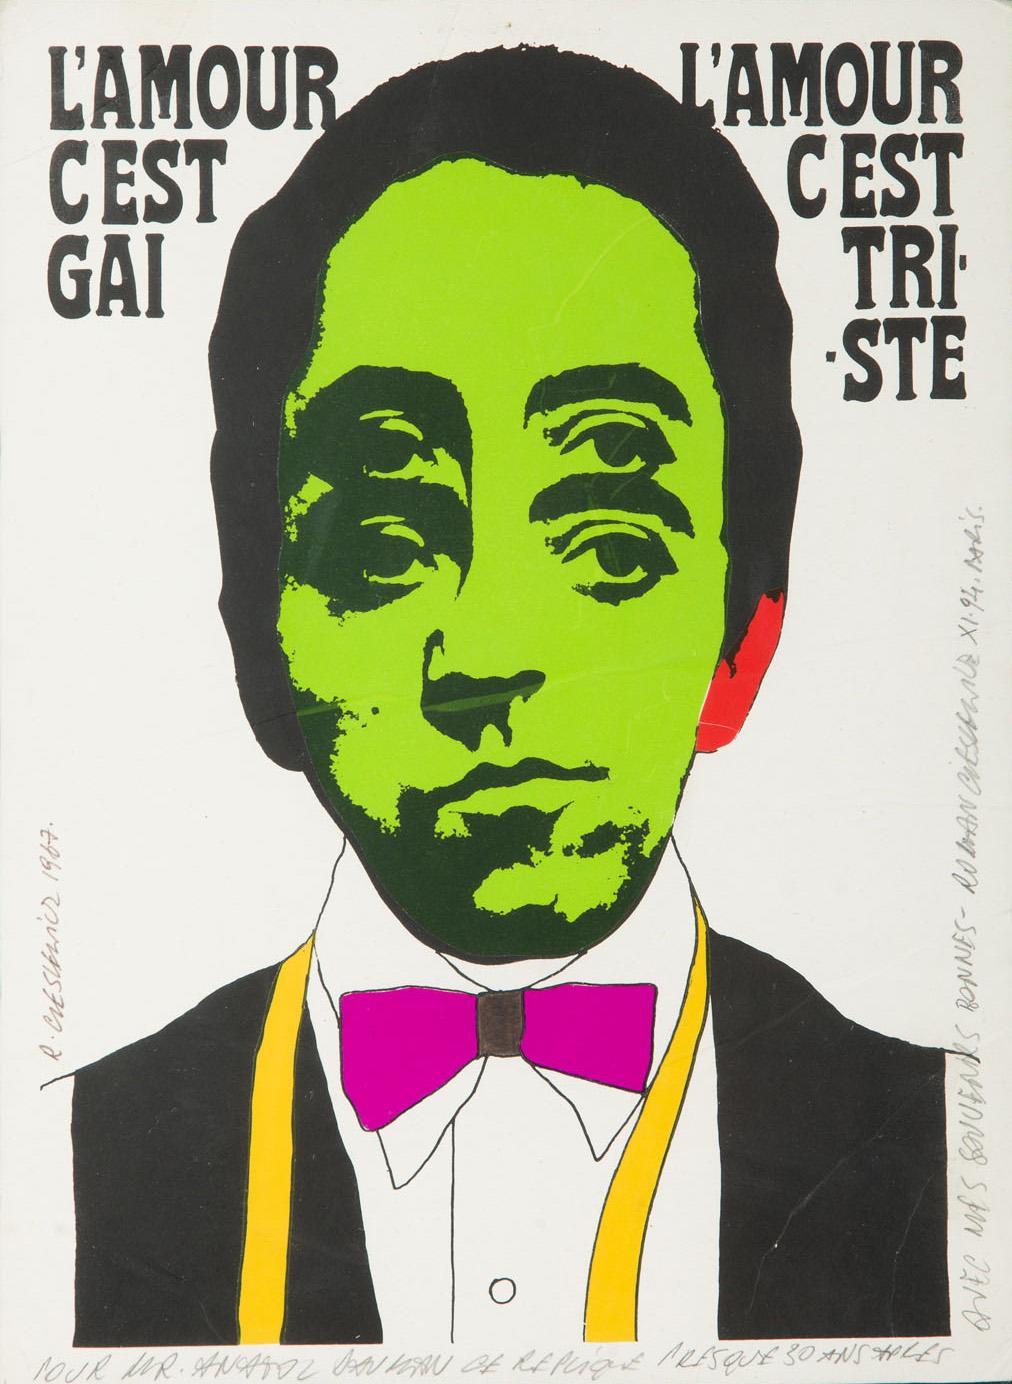 Miłość jest radosna, miłość jest smutna, 1967 r.